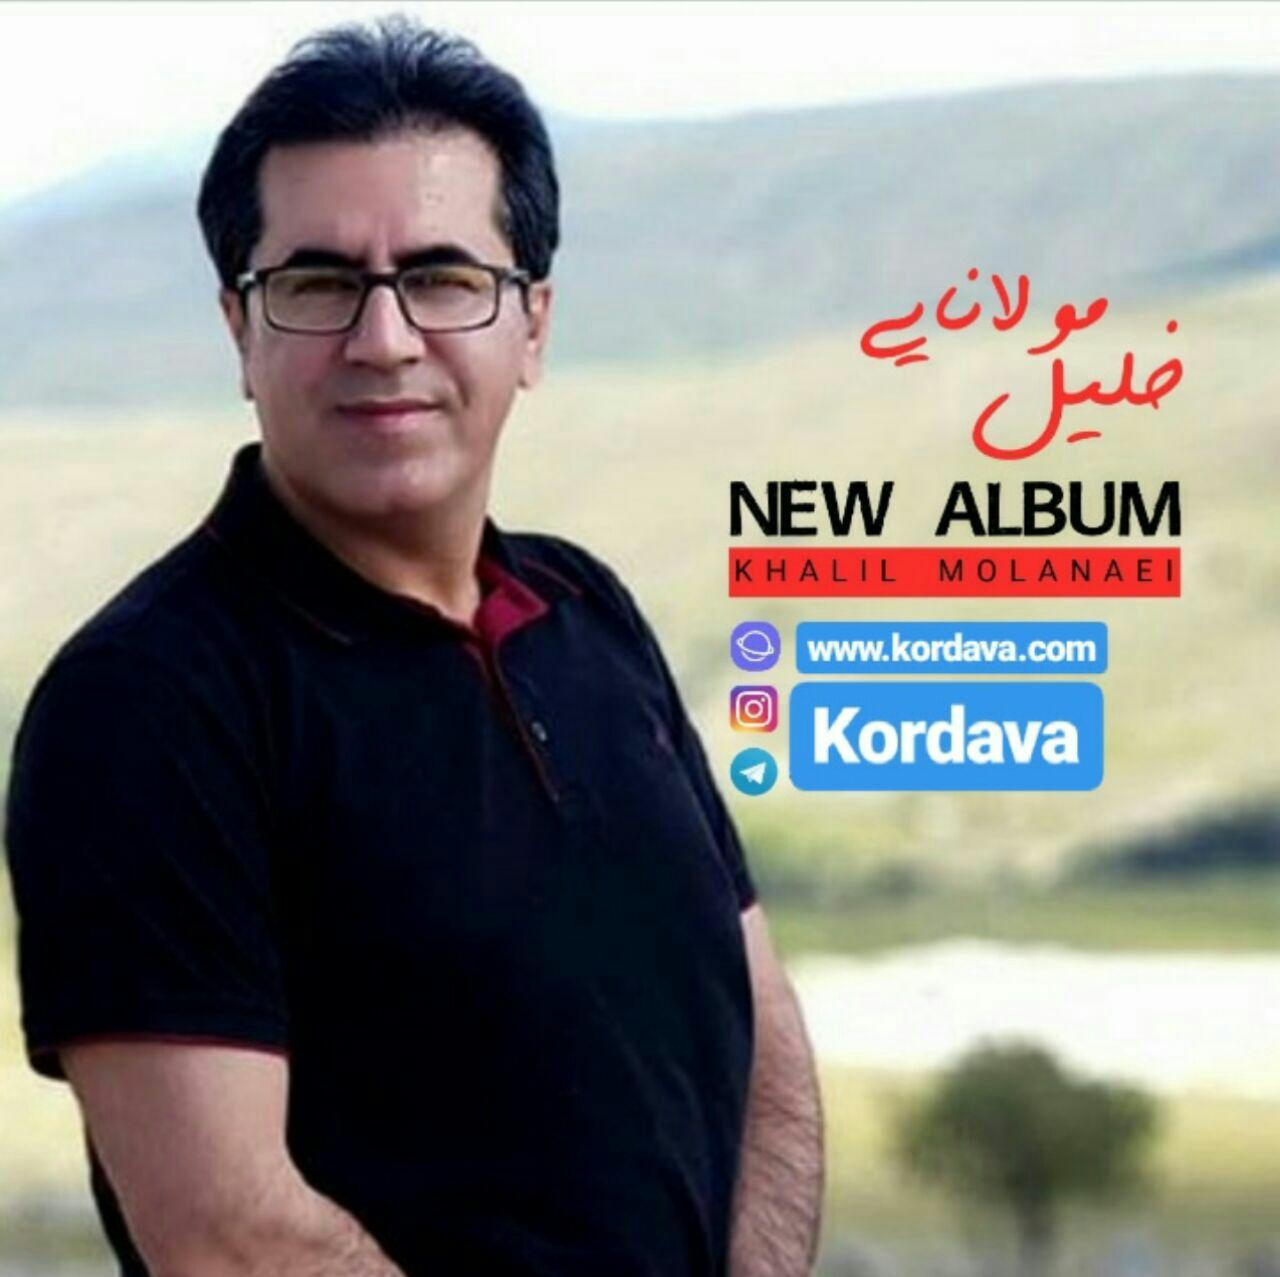 دانلود آلبوم جدید خلیل مولانایی به نام تیر ۹۸